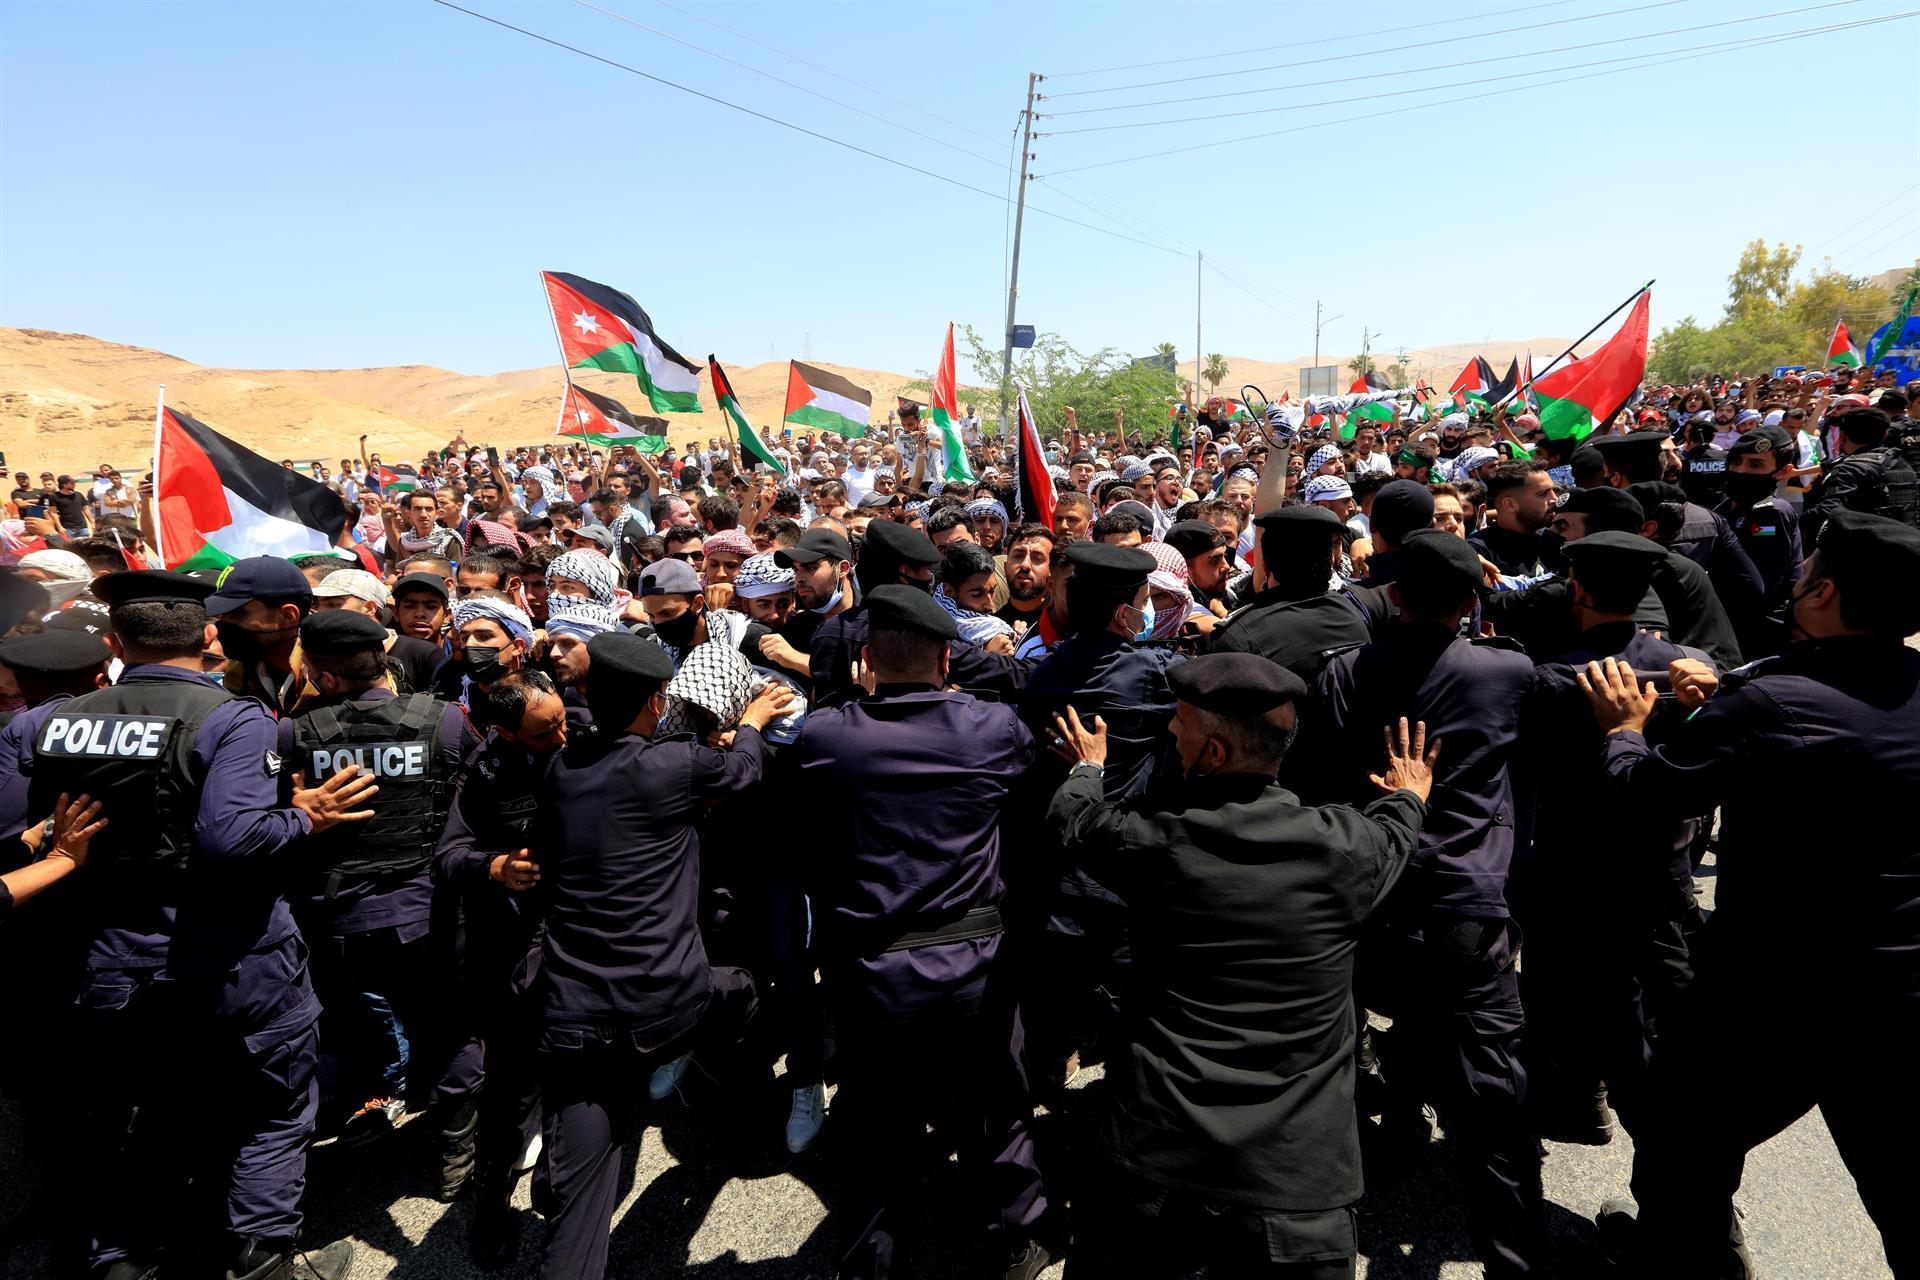 Na fronteira entre a Jordânia e Israel, manifestantes entraram em confronto com as forças de segurança